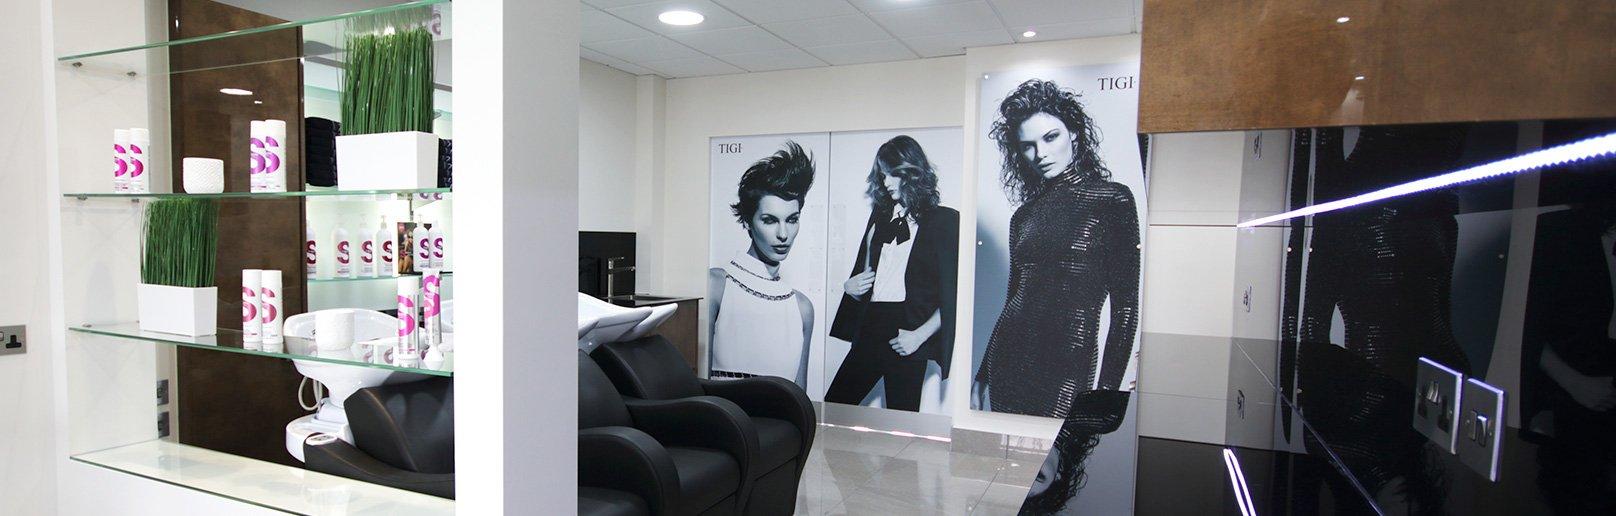 Forresters Tilehurst hair salon interior 3